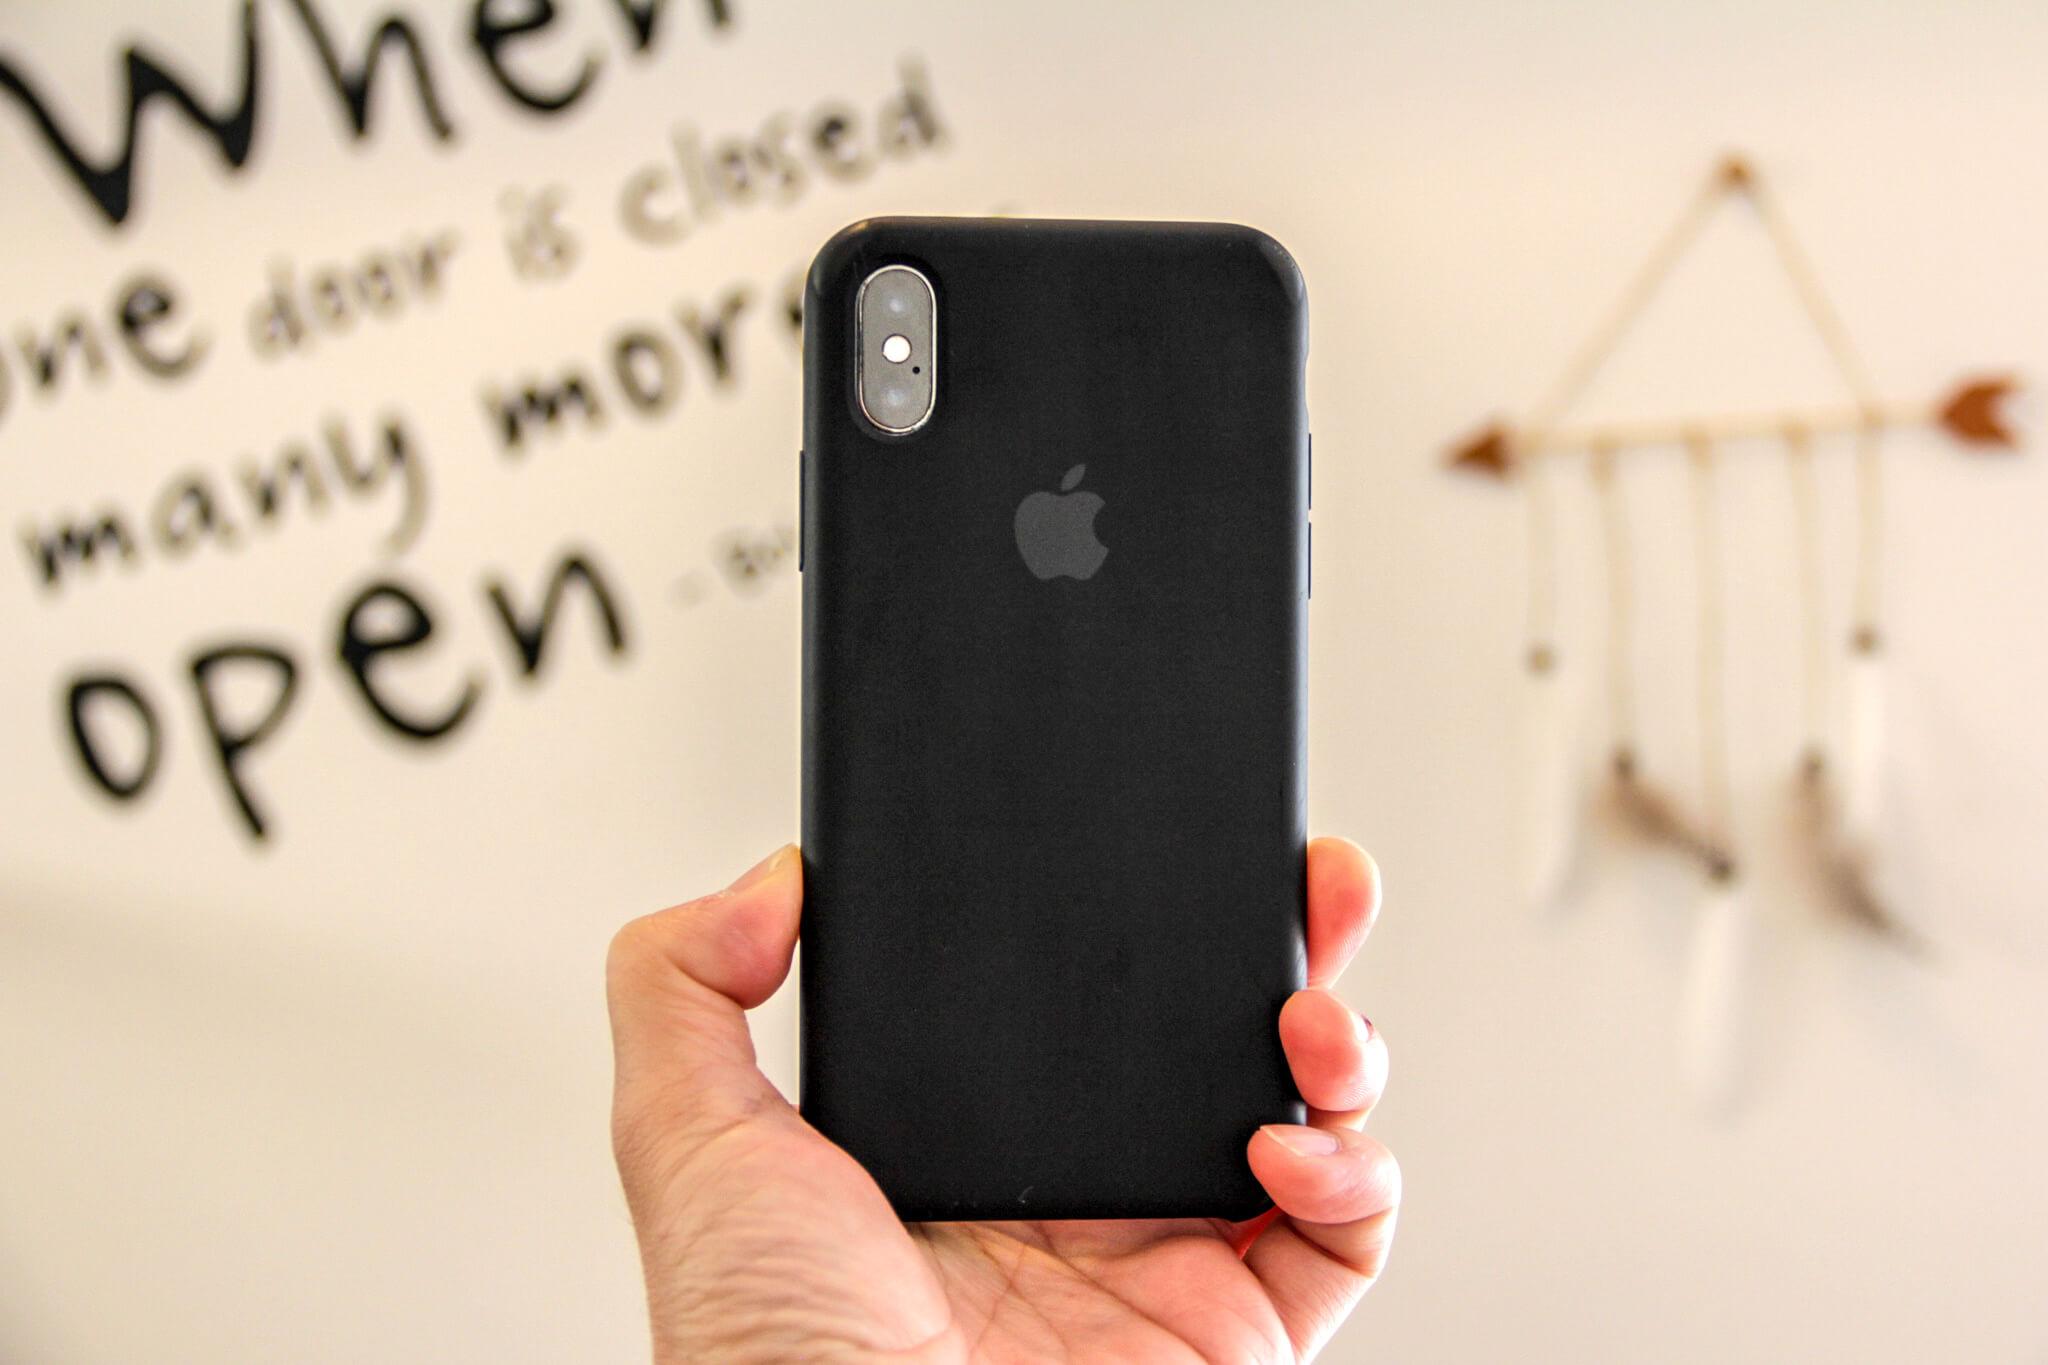 iPhoneXApple純正シリコンケースのアップルマーク写真